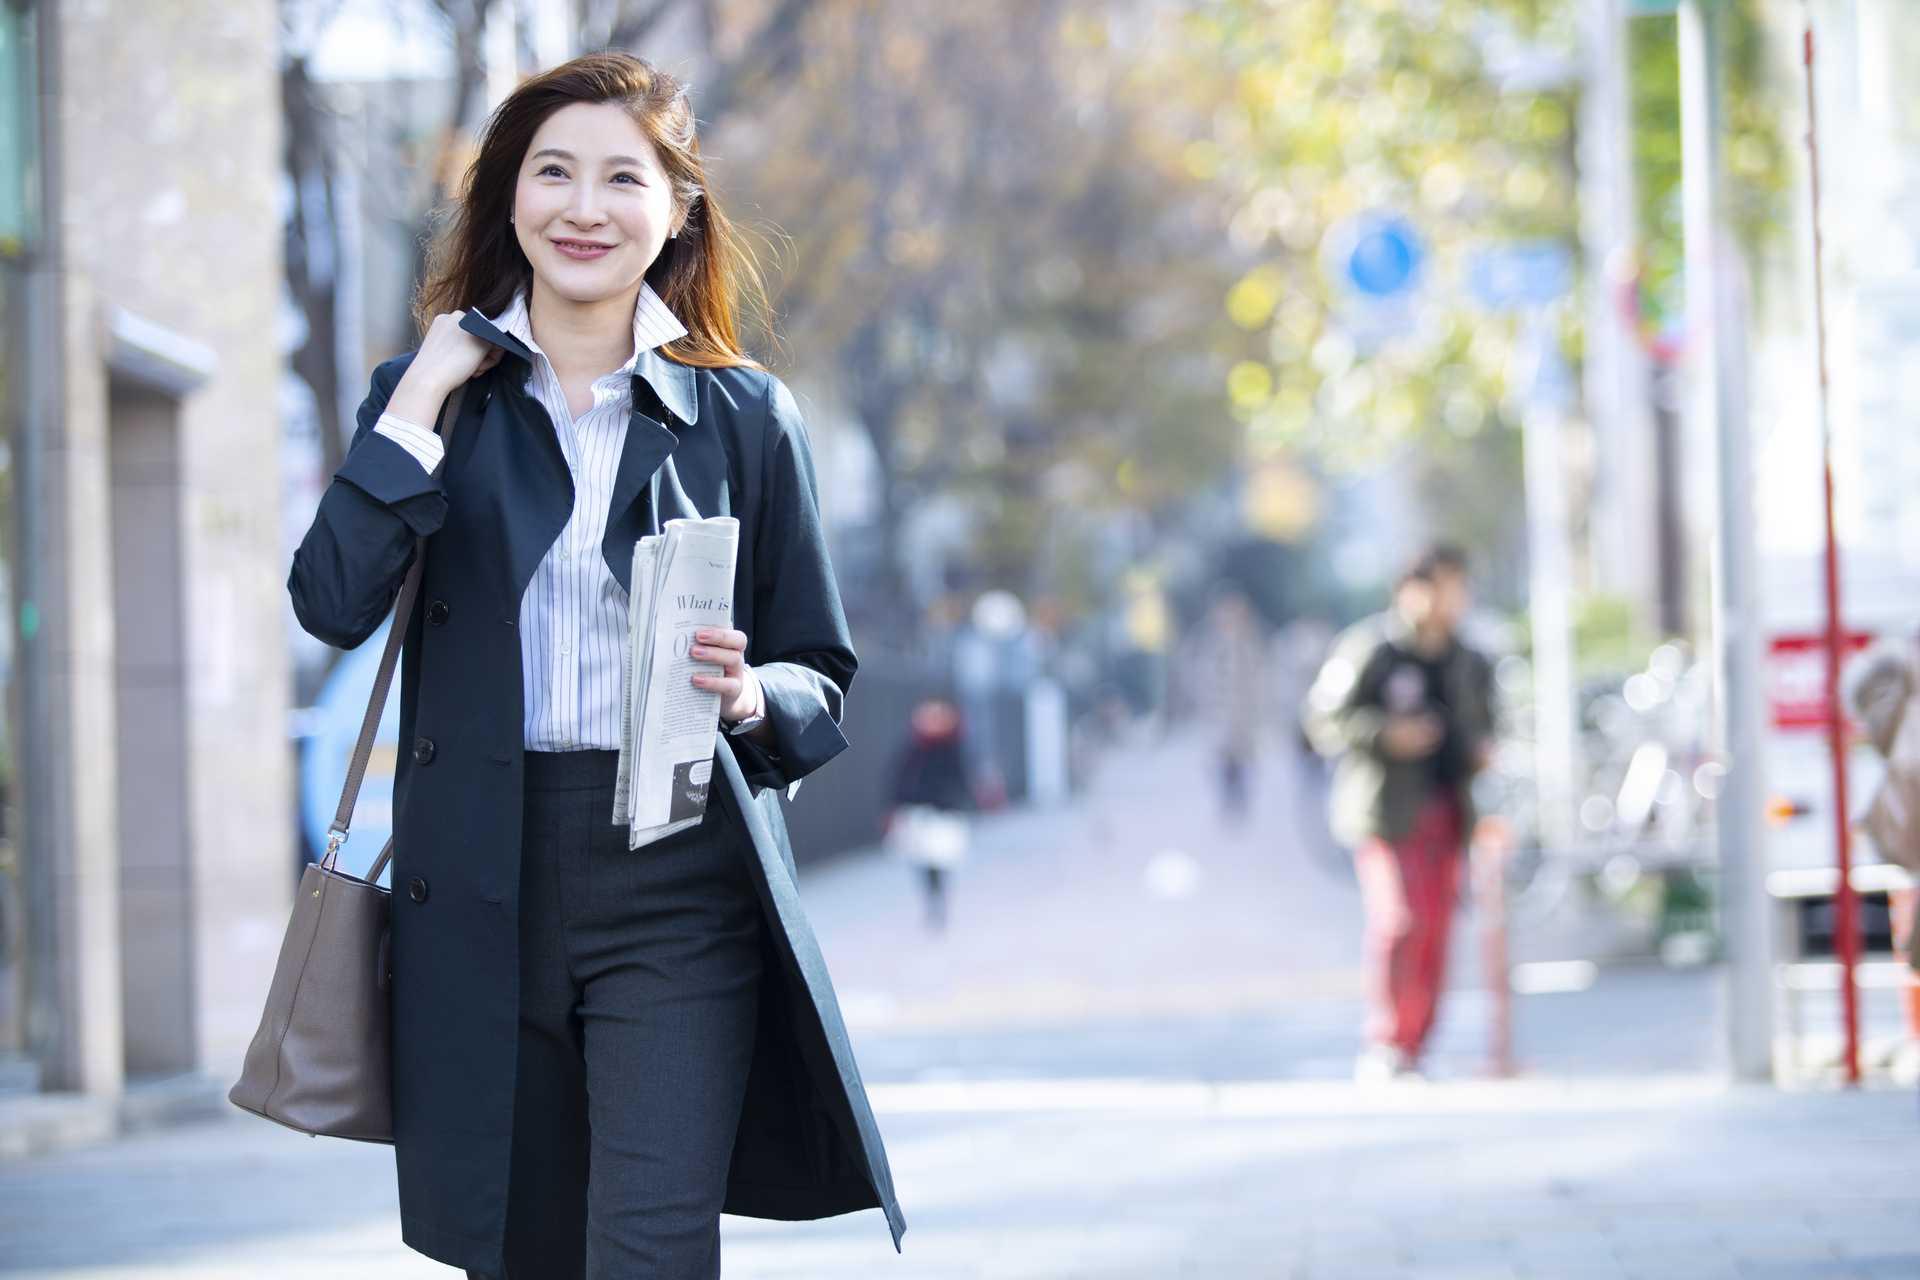 歩き方がきれいな人はいつも元気。自分の足音のリズムに乗っているから。 | 脳を刺激する30の歩き方